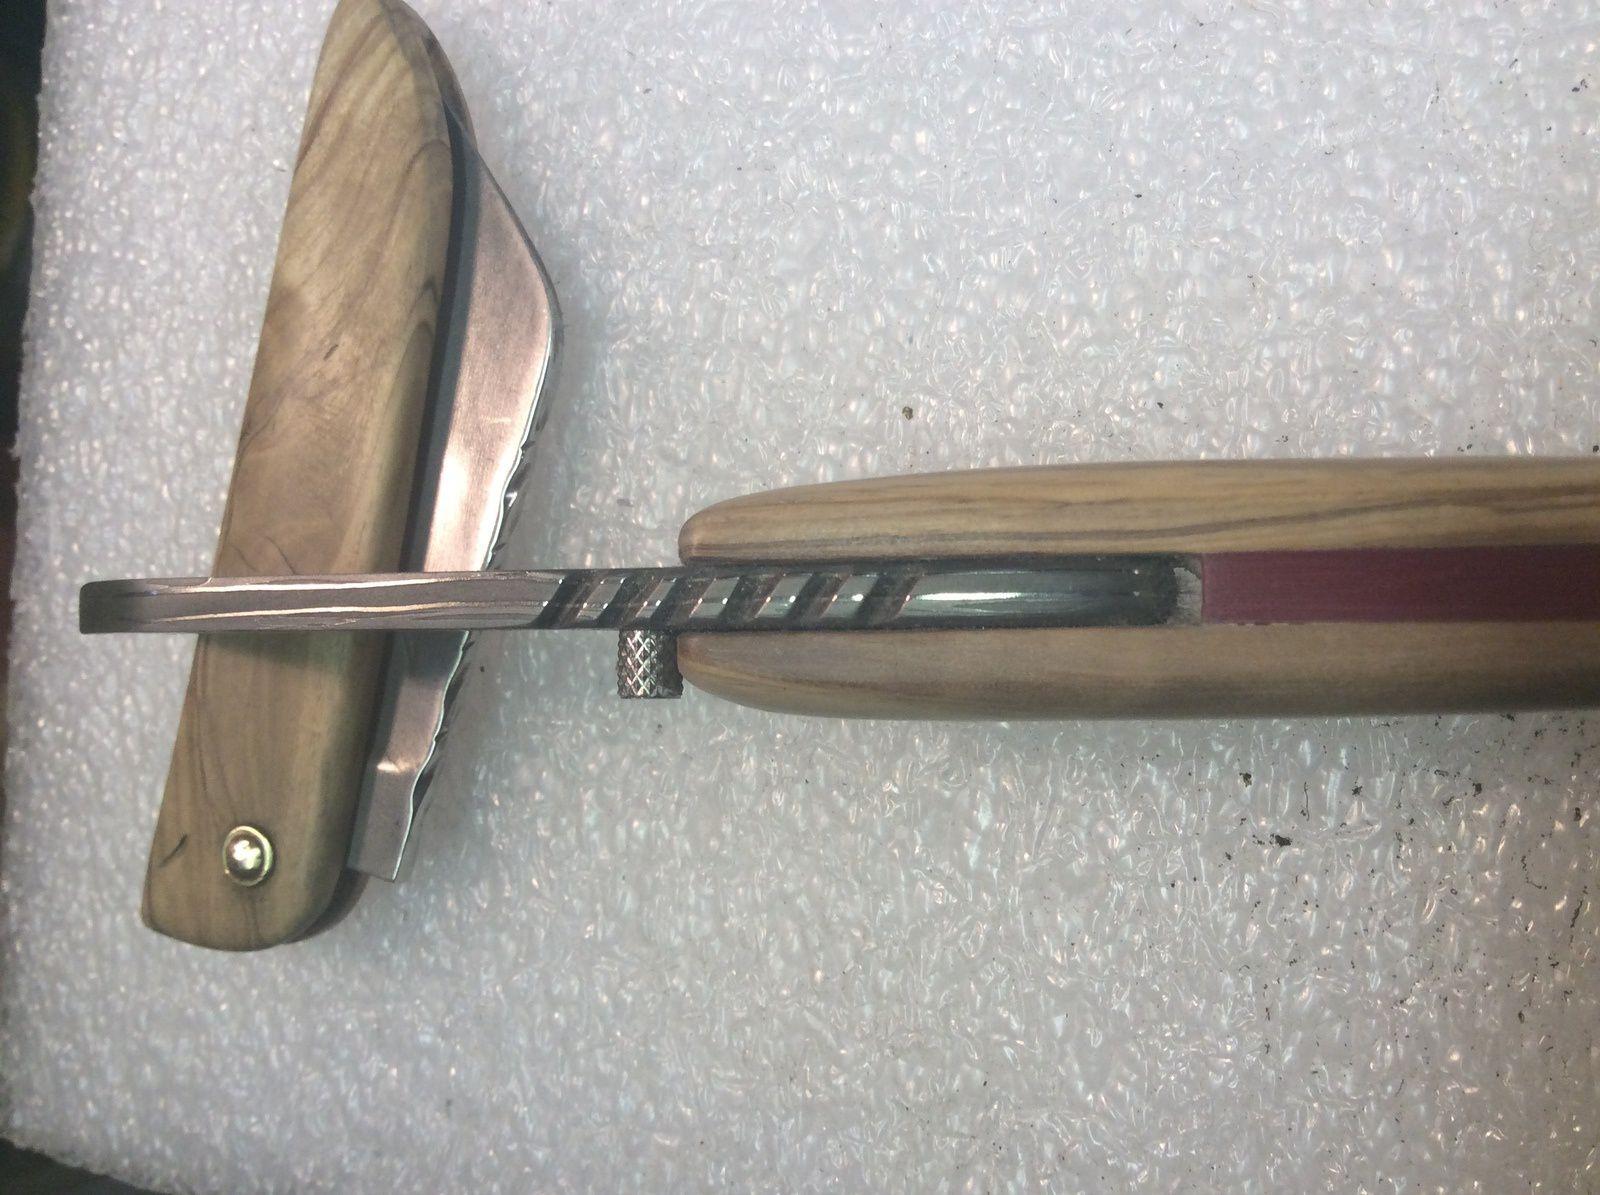 couteaux hirondelle lame forgé